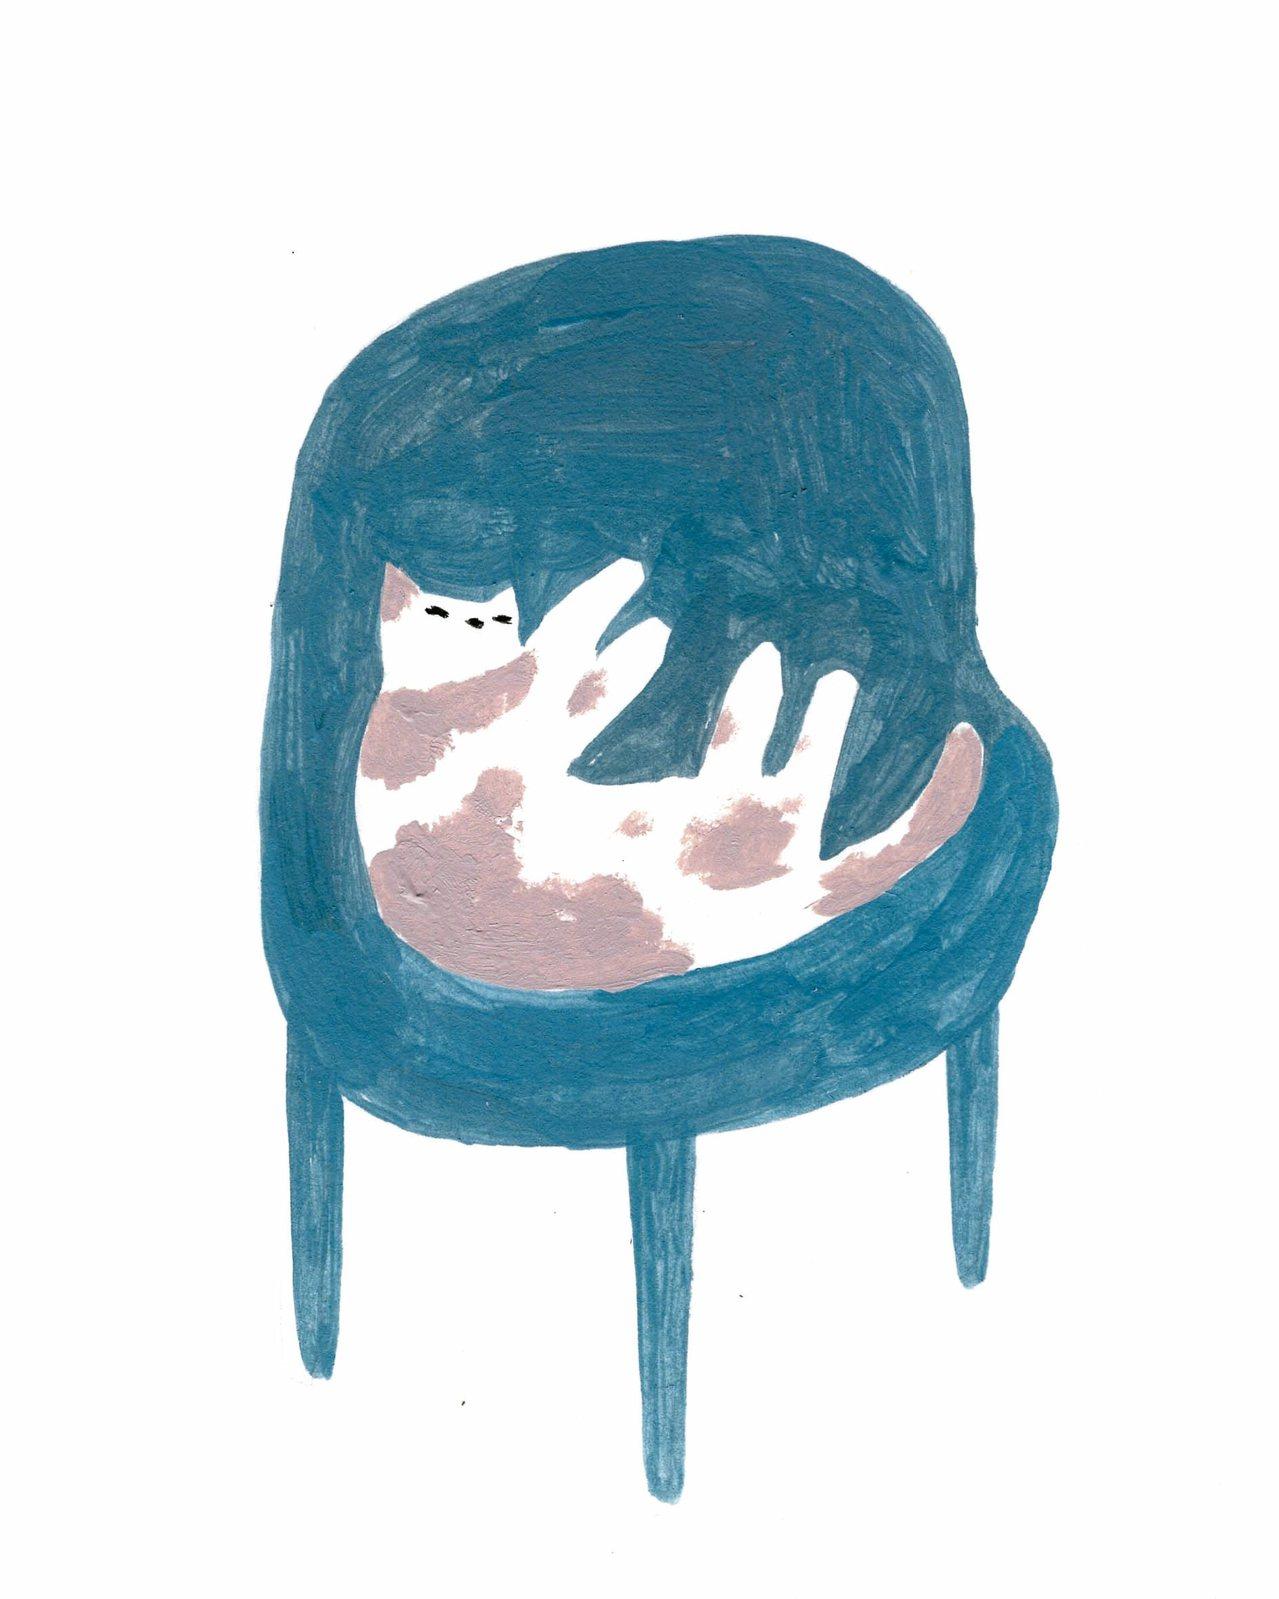 我們在蘭嶼的早餐店用餐時,有一隻貓咪慵懶地賴在椅子上,叫也叫不起來,怎樣抱牠、逗...